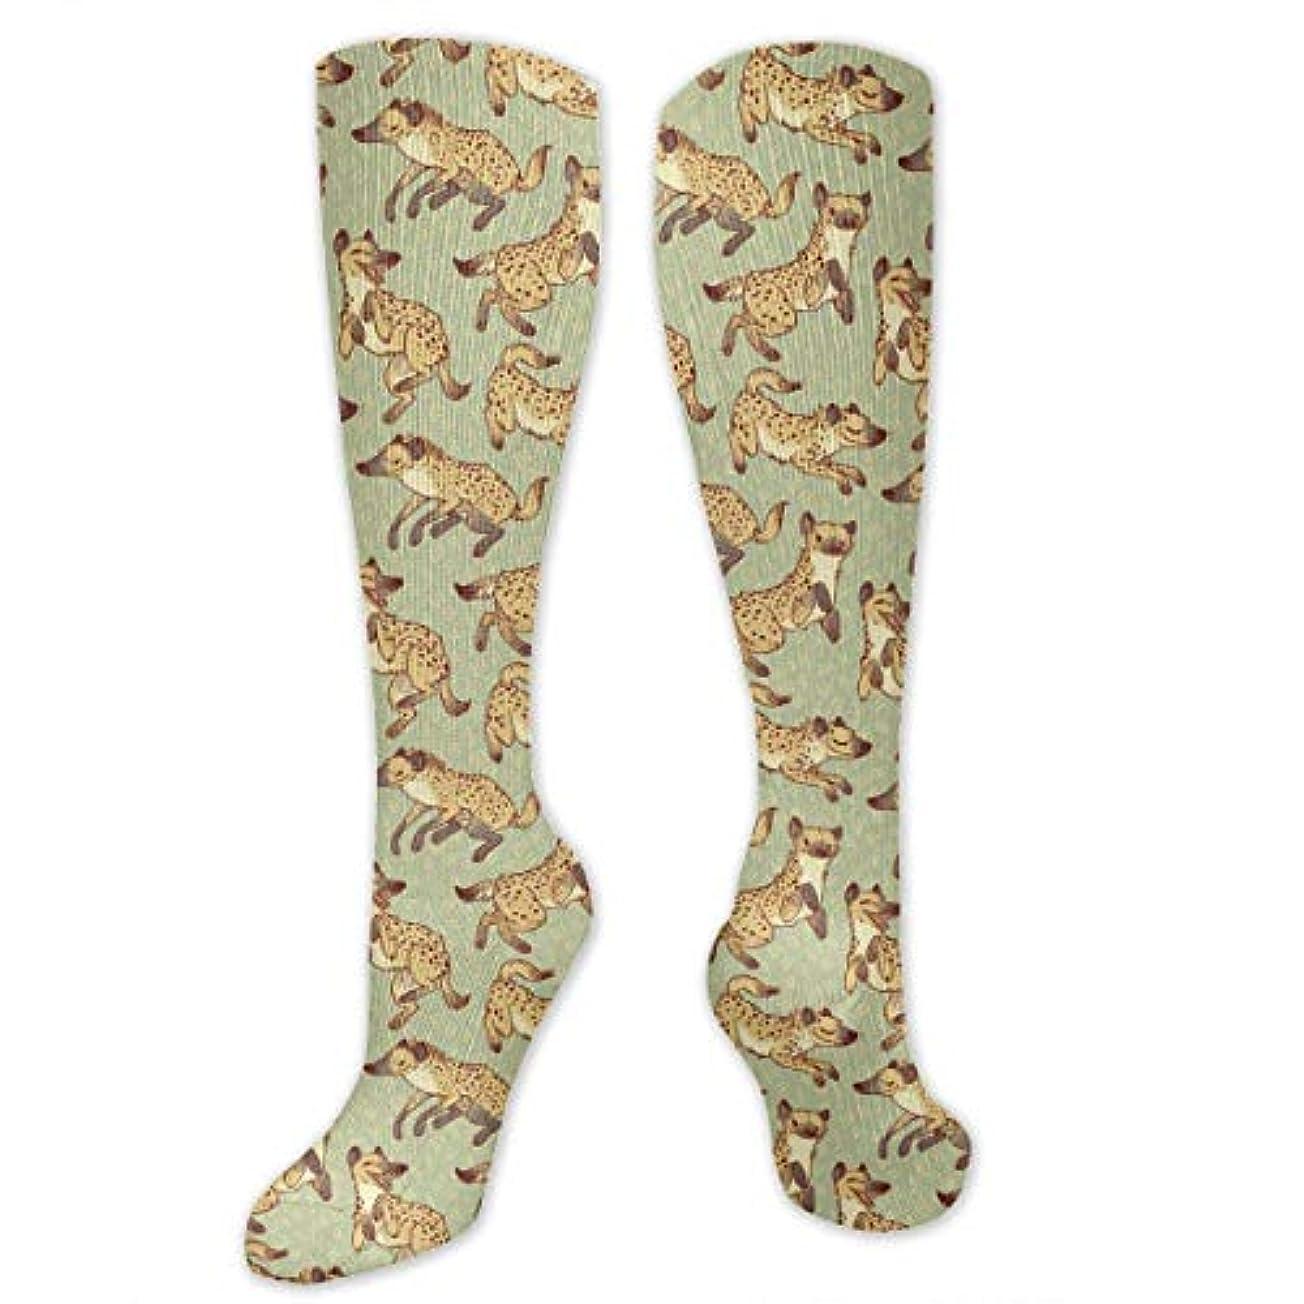 区告白抜け目のないQRRIY圧縮靴下3 Dハイエナパターン抗菌アスレチック靴下男性の女性のための最高の医療の旅の女の子旅行旅行看護師浮腫